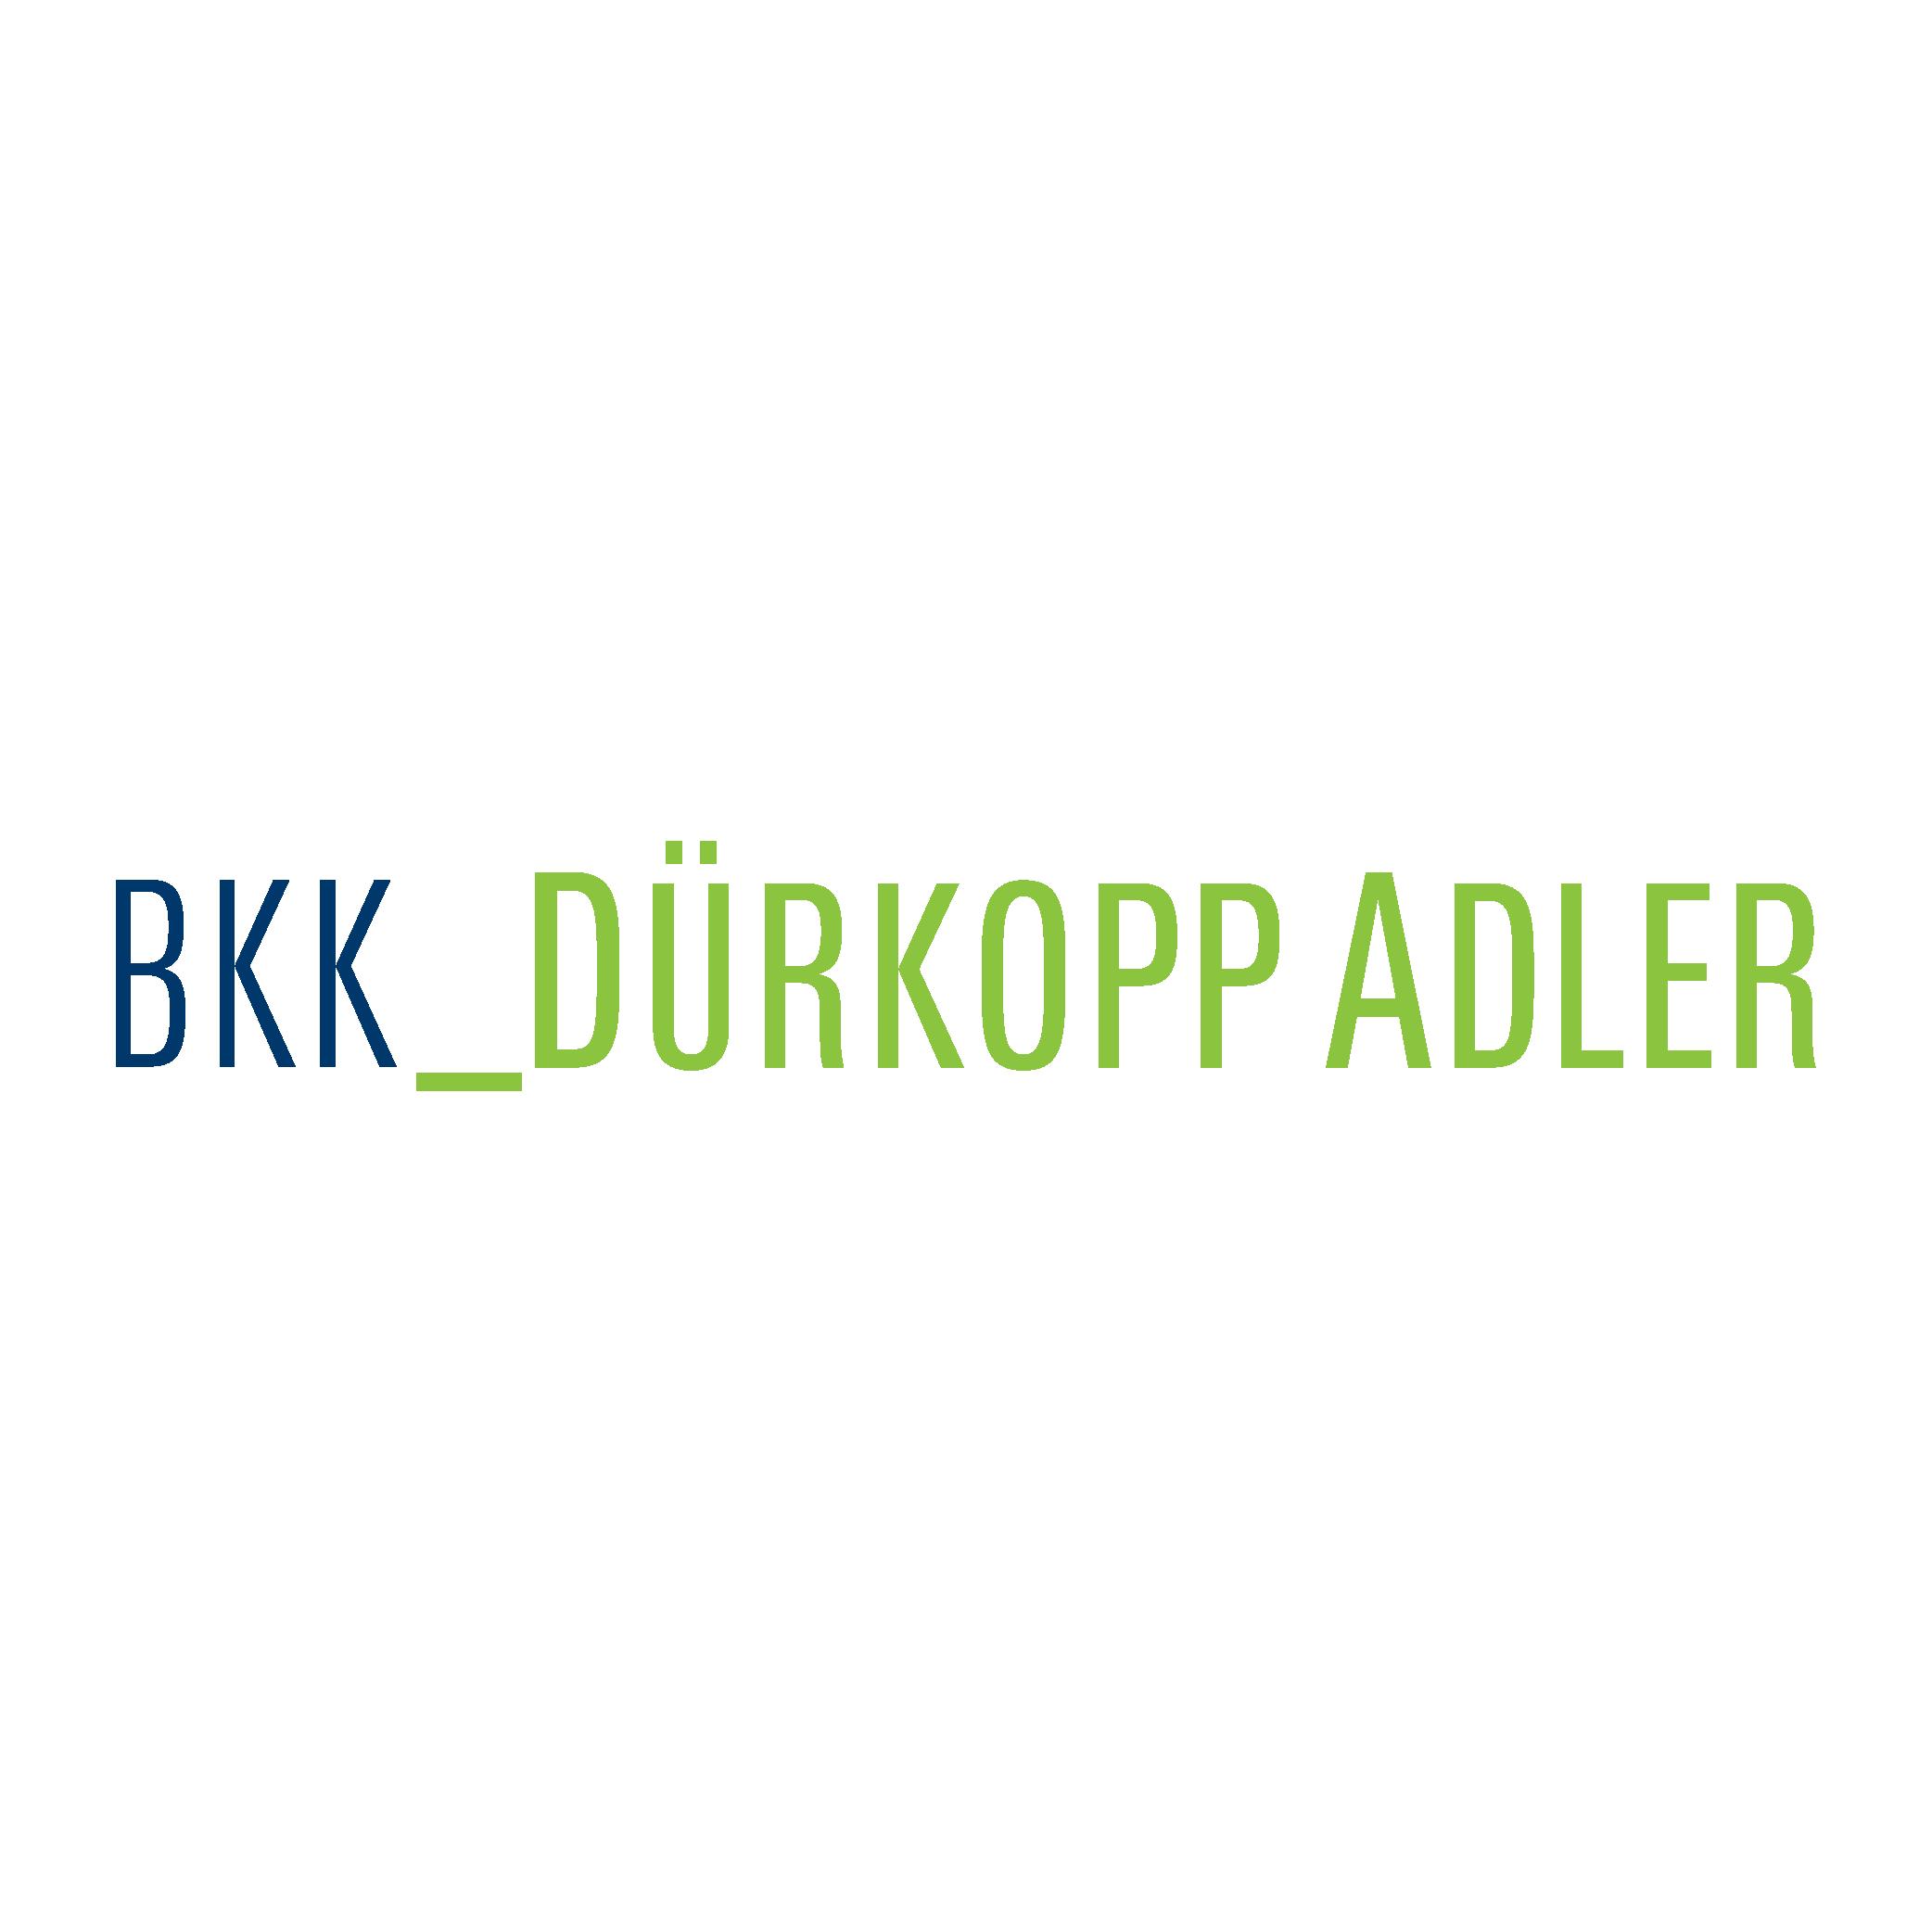 Markenzeichen der BKK Dürkopp Adler